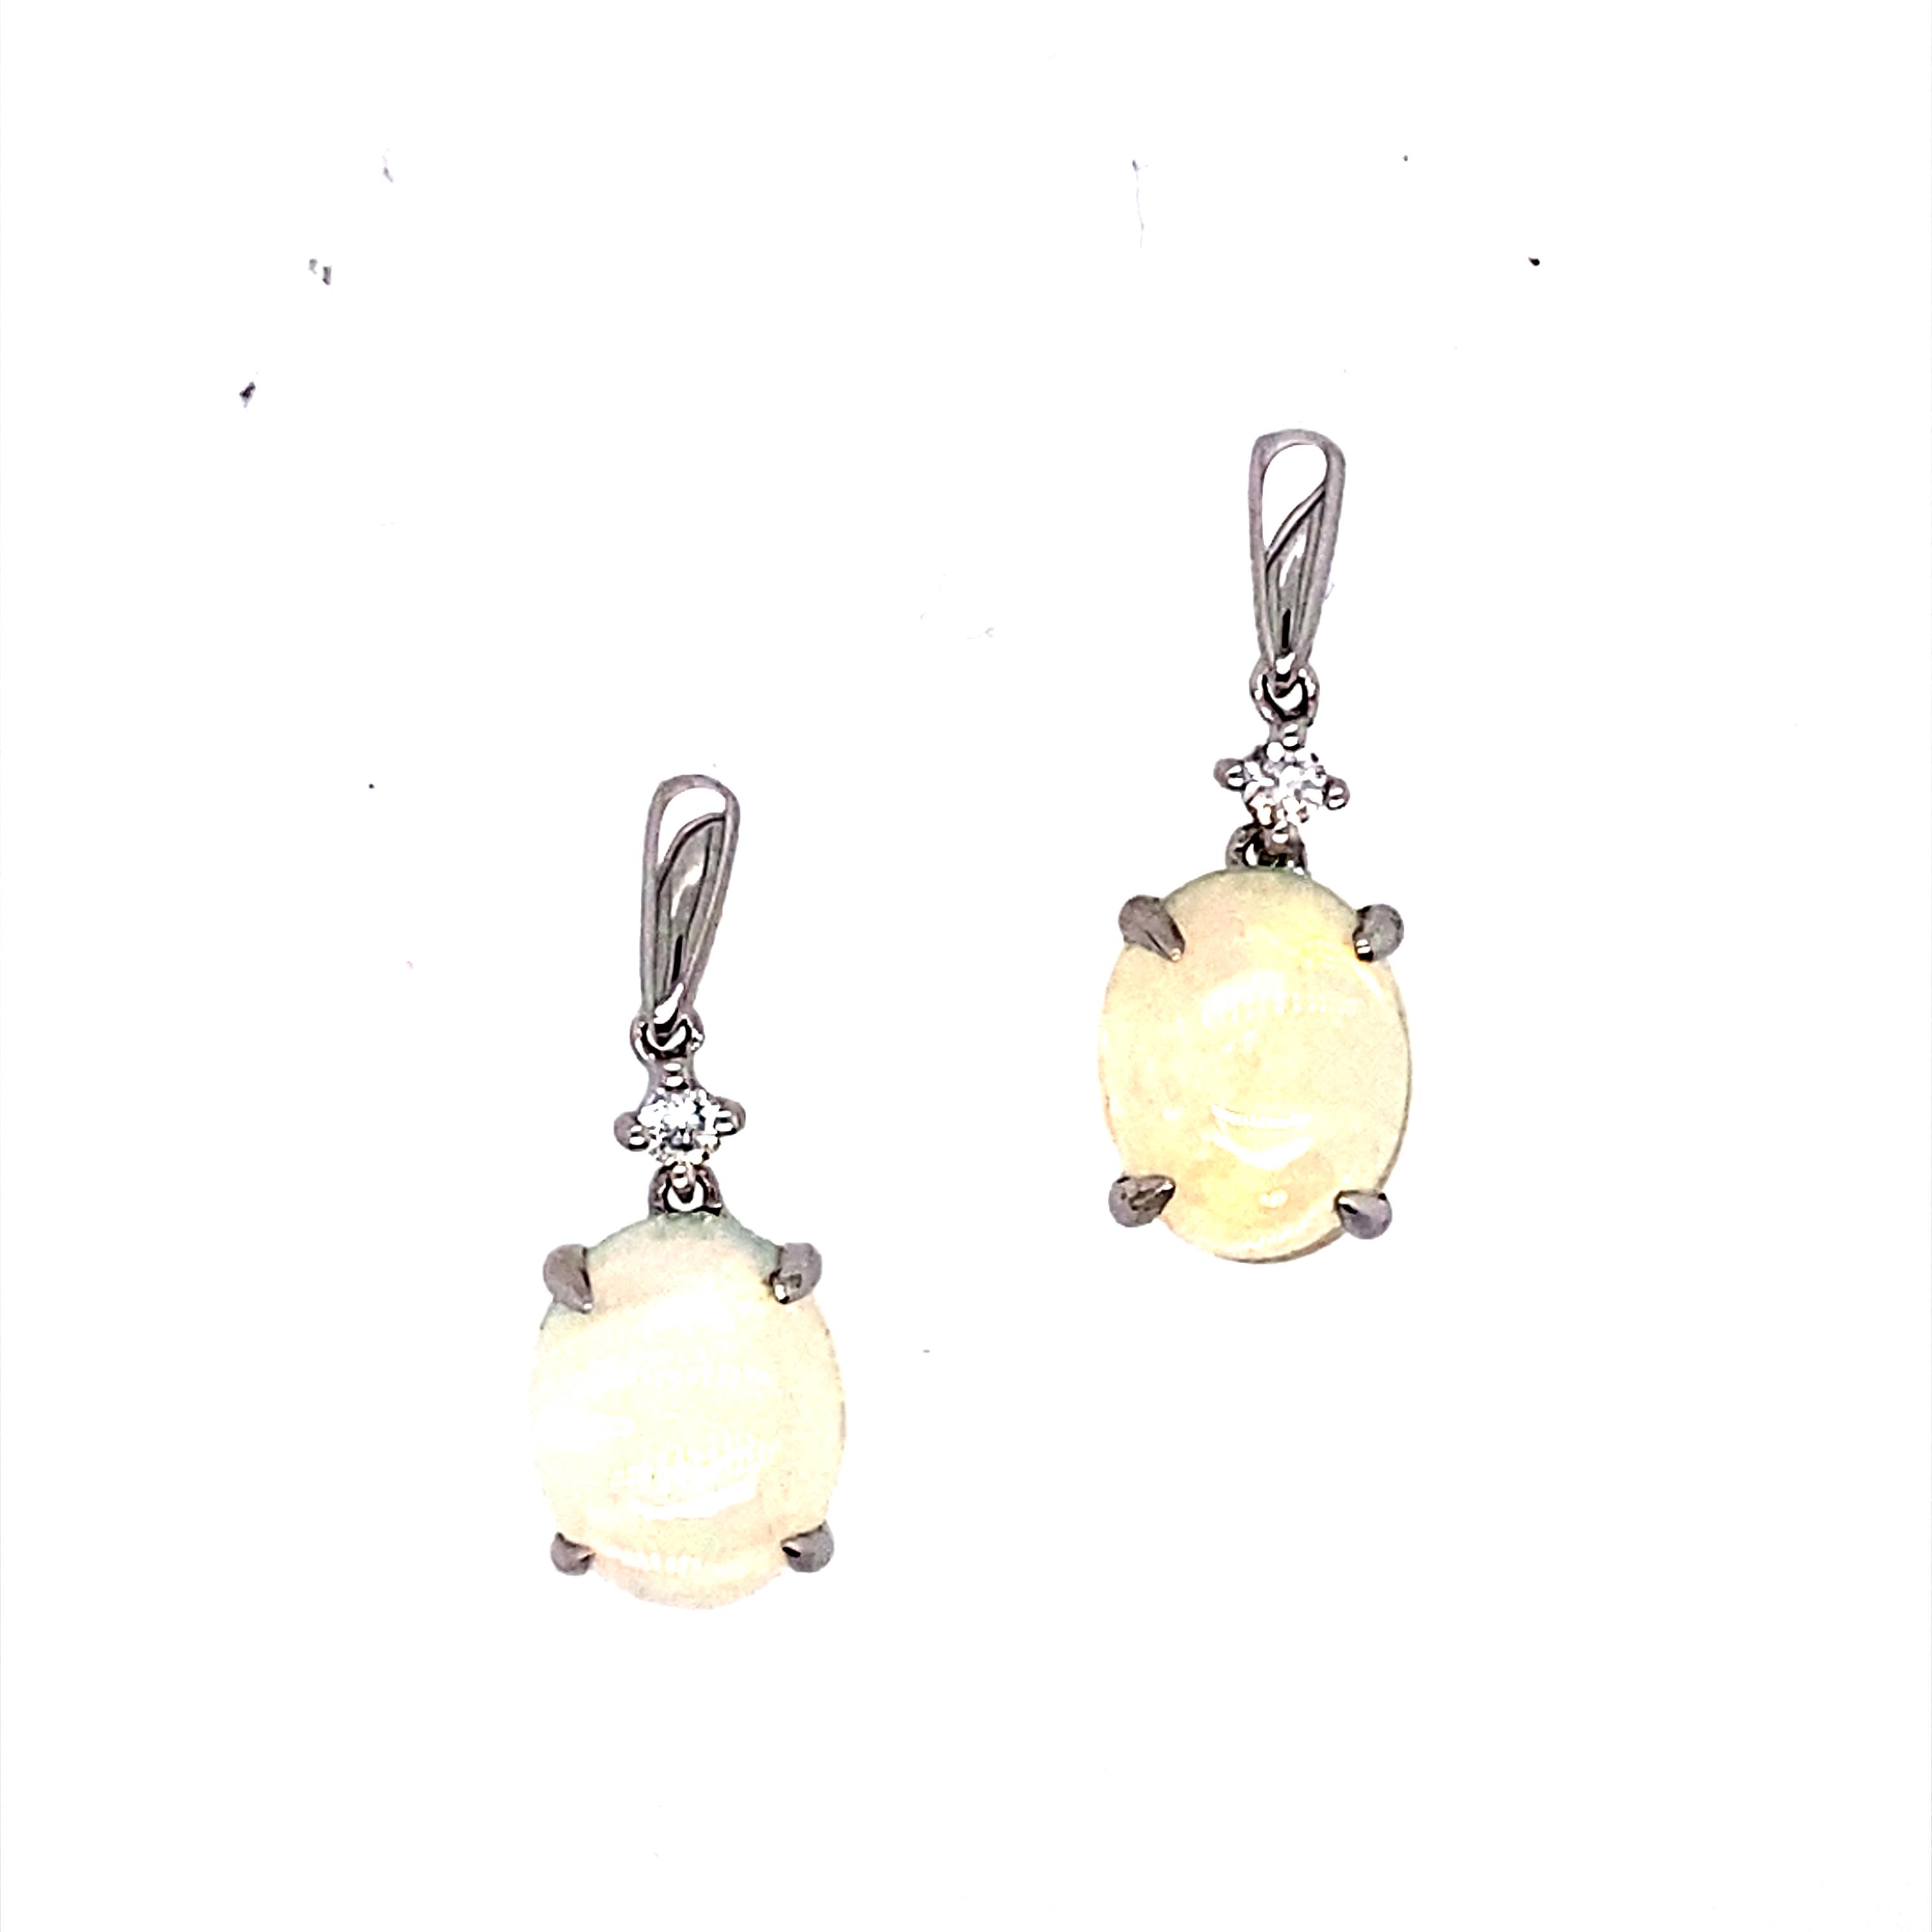 9 Carat White Gold Diamond & Opal Drop Earrings